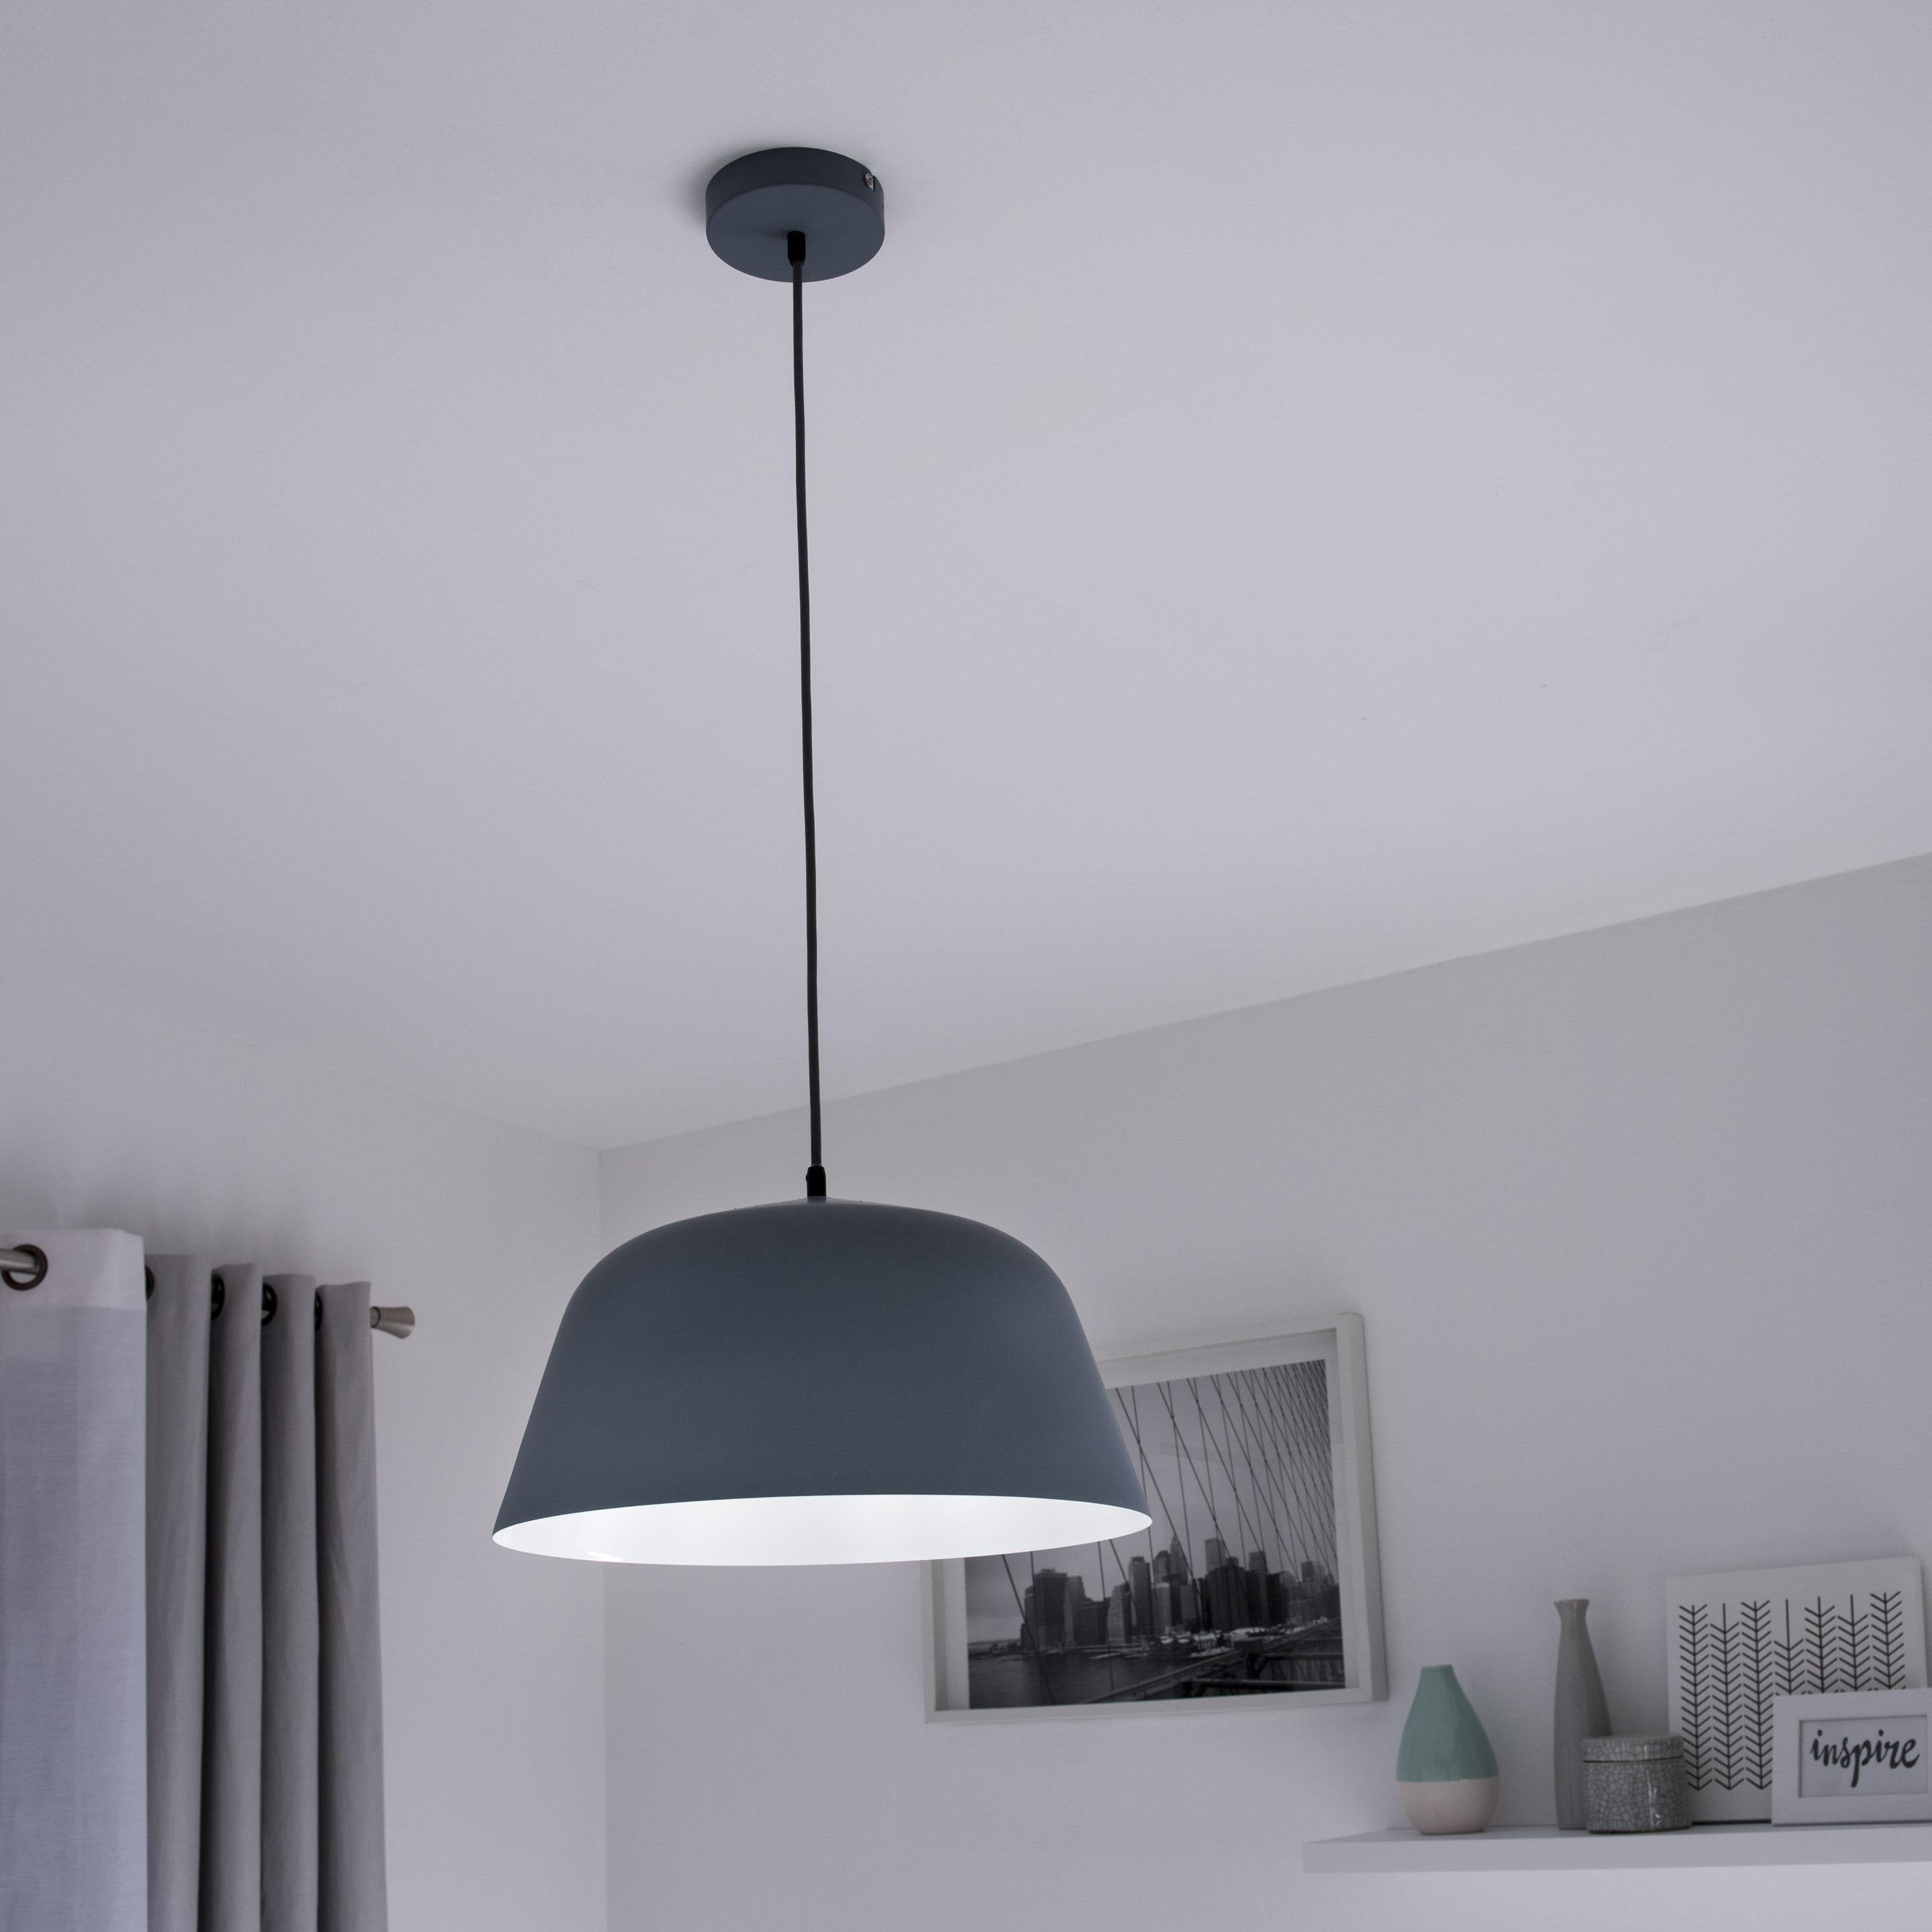 Suspension, scandinave métal gris INSPIRE Bells 1 lumière(s) D.40.0 cm